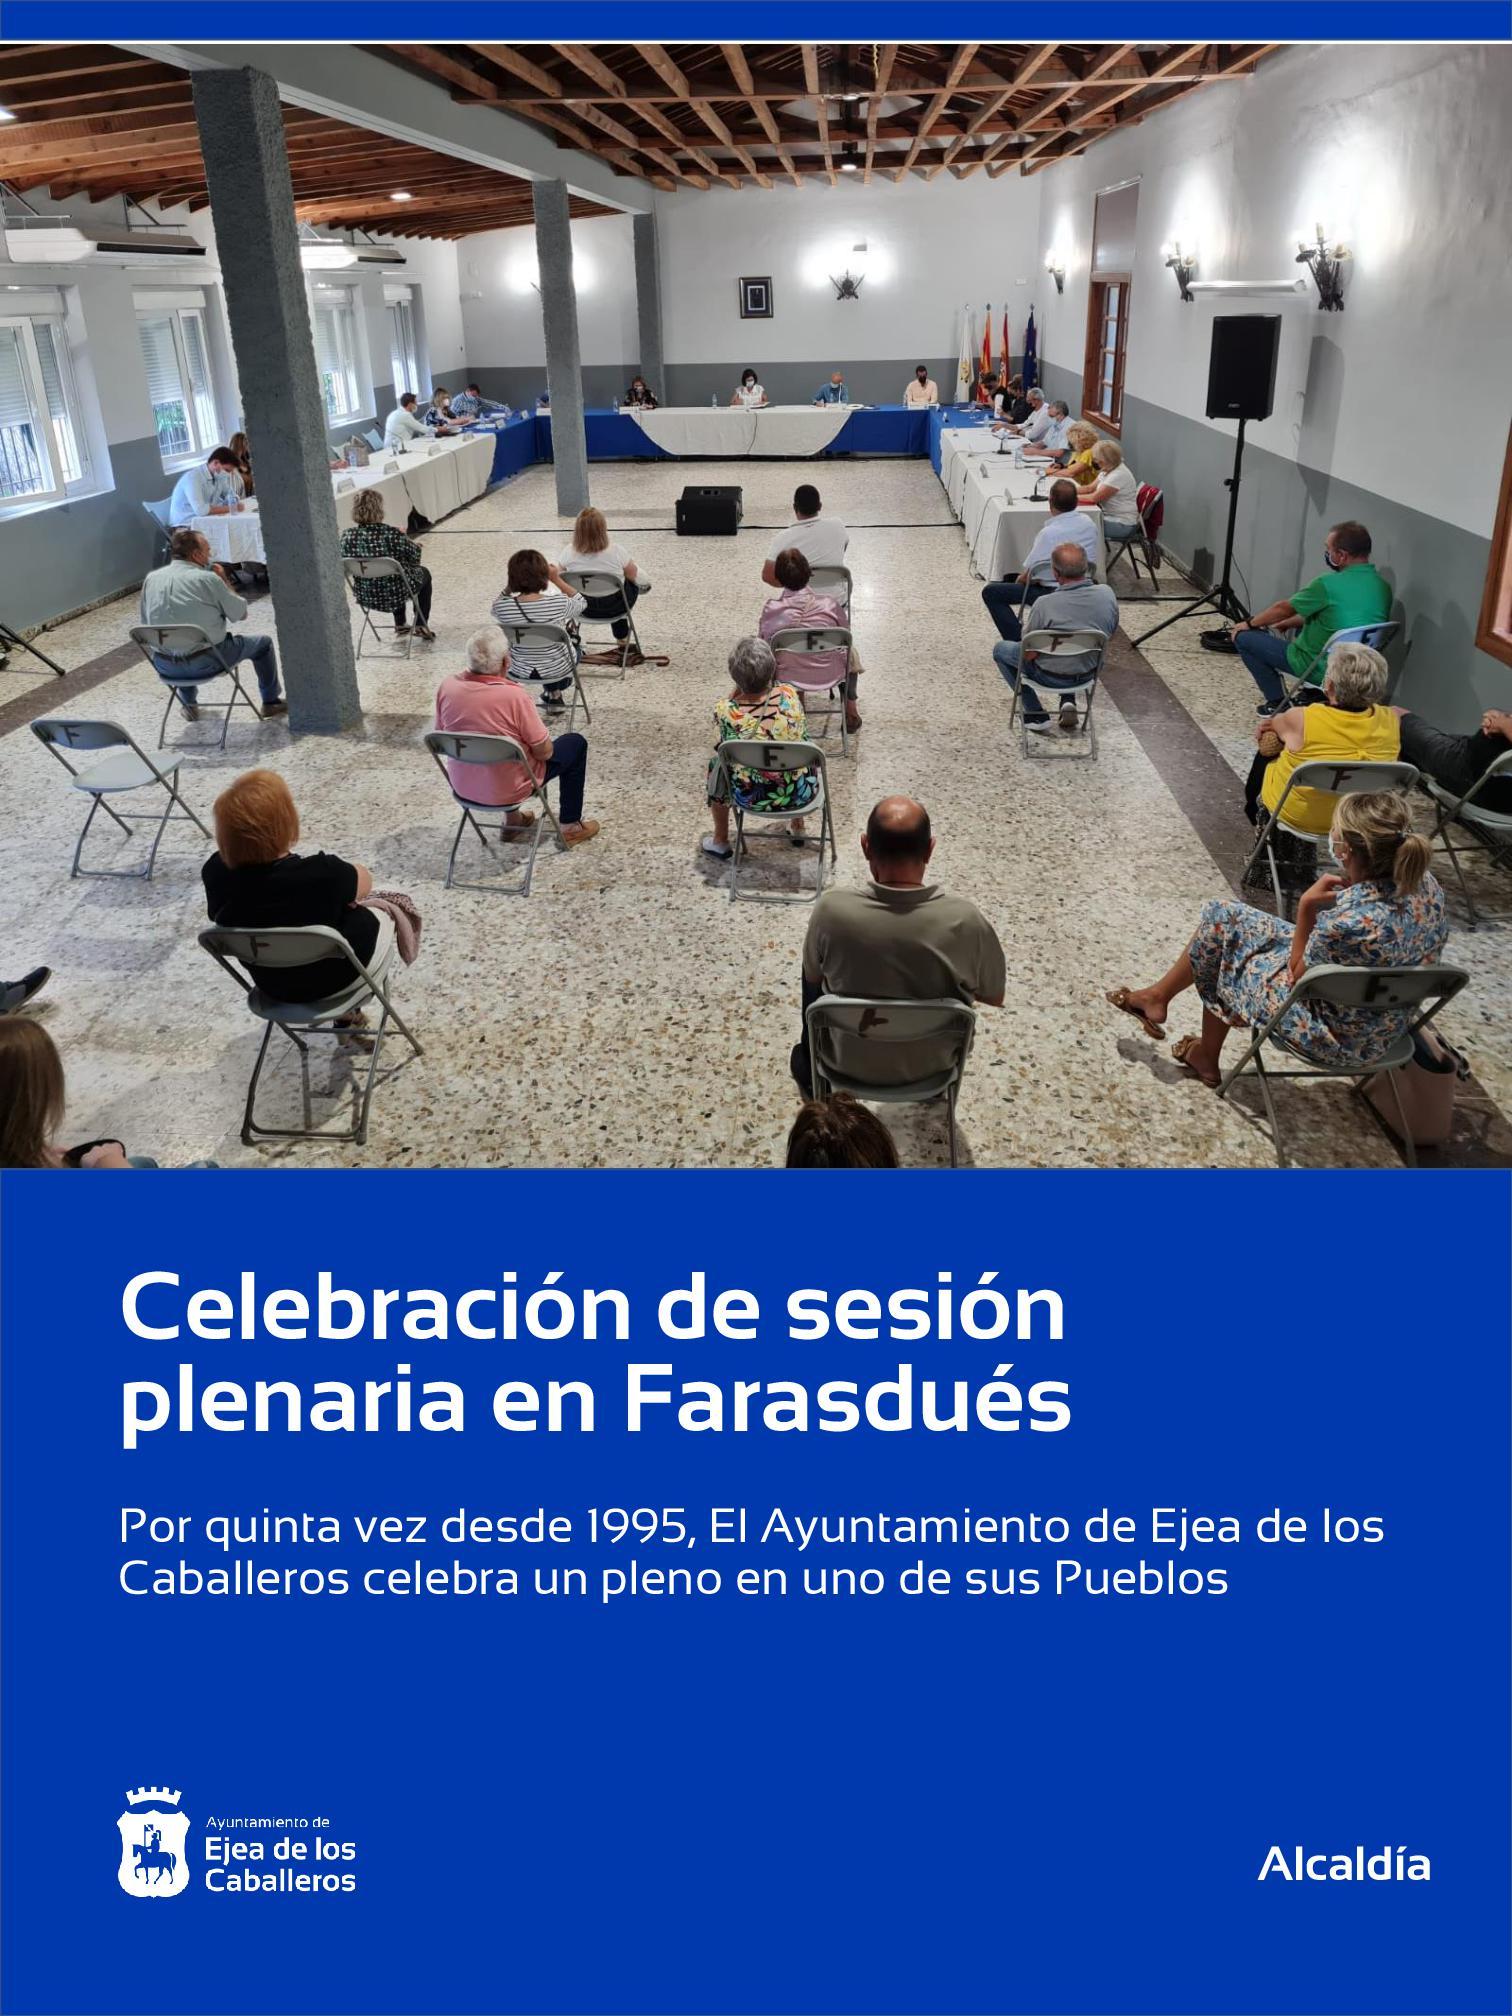 Celebrado un pleno extraordinario del Ayuntamiento de Ejea de los Caballeros en Farasdués